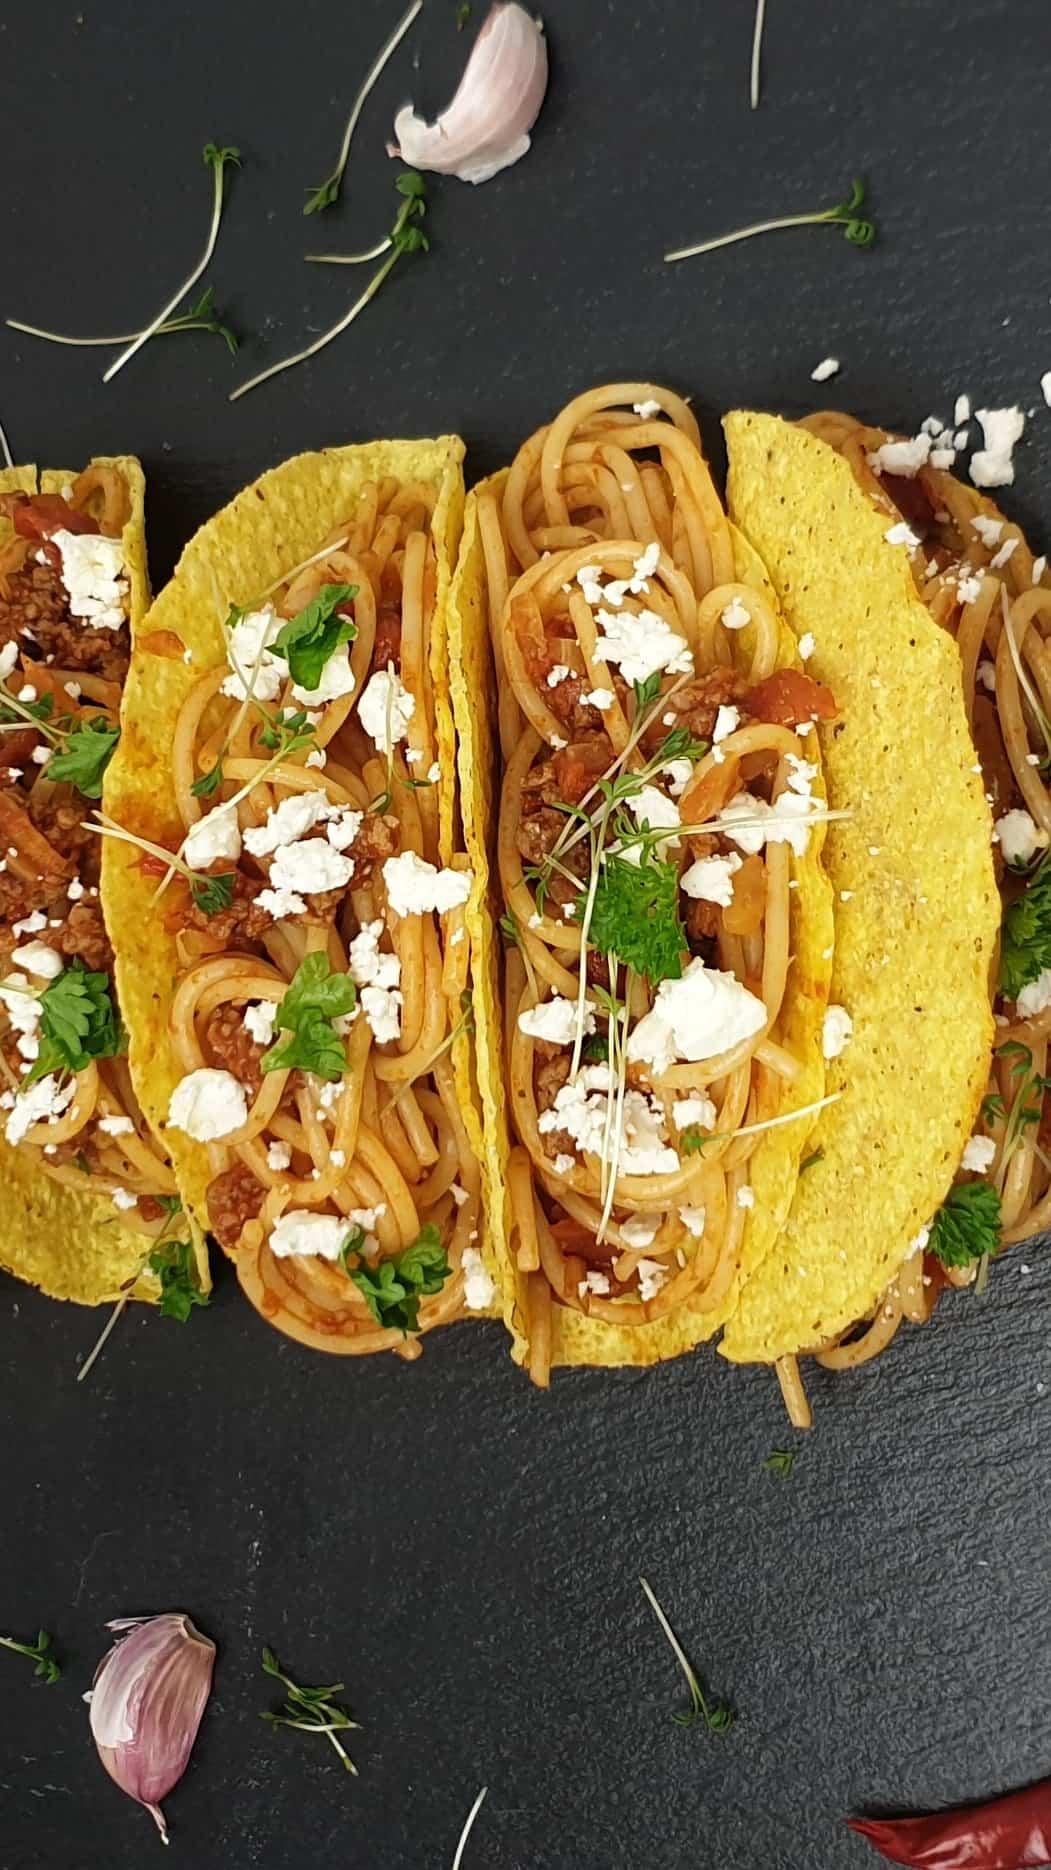 Auf einer schwarzen Schieferplatte gefüllte Tacos mit Spaghetti, Mozzarella und Petersilie.